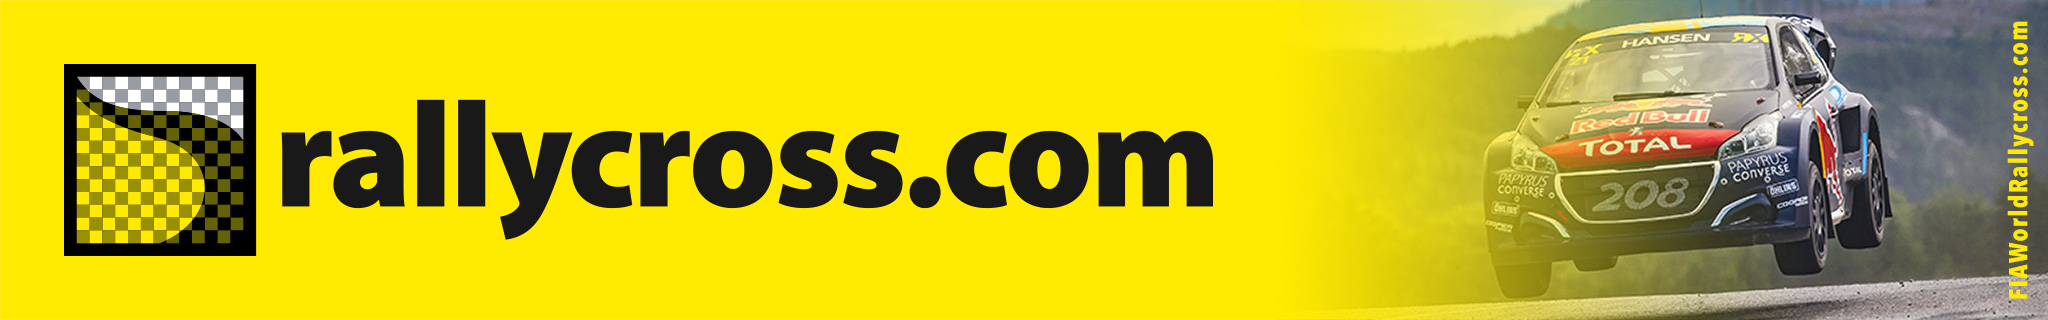 rallycross.com